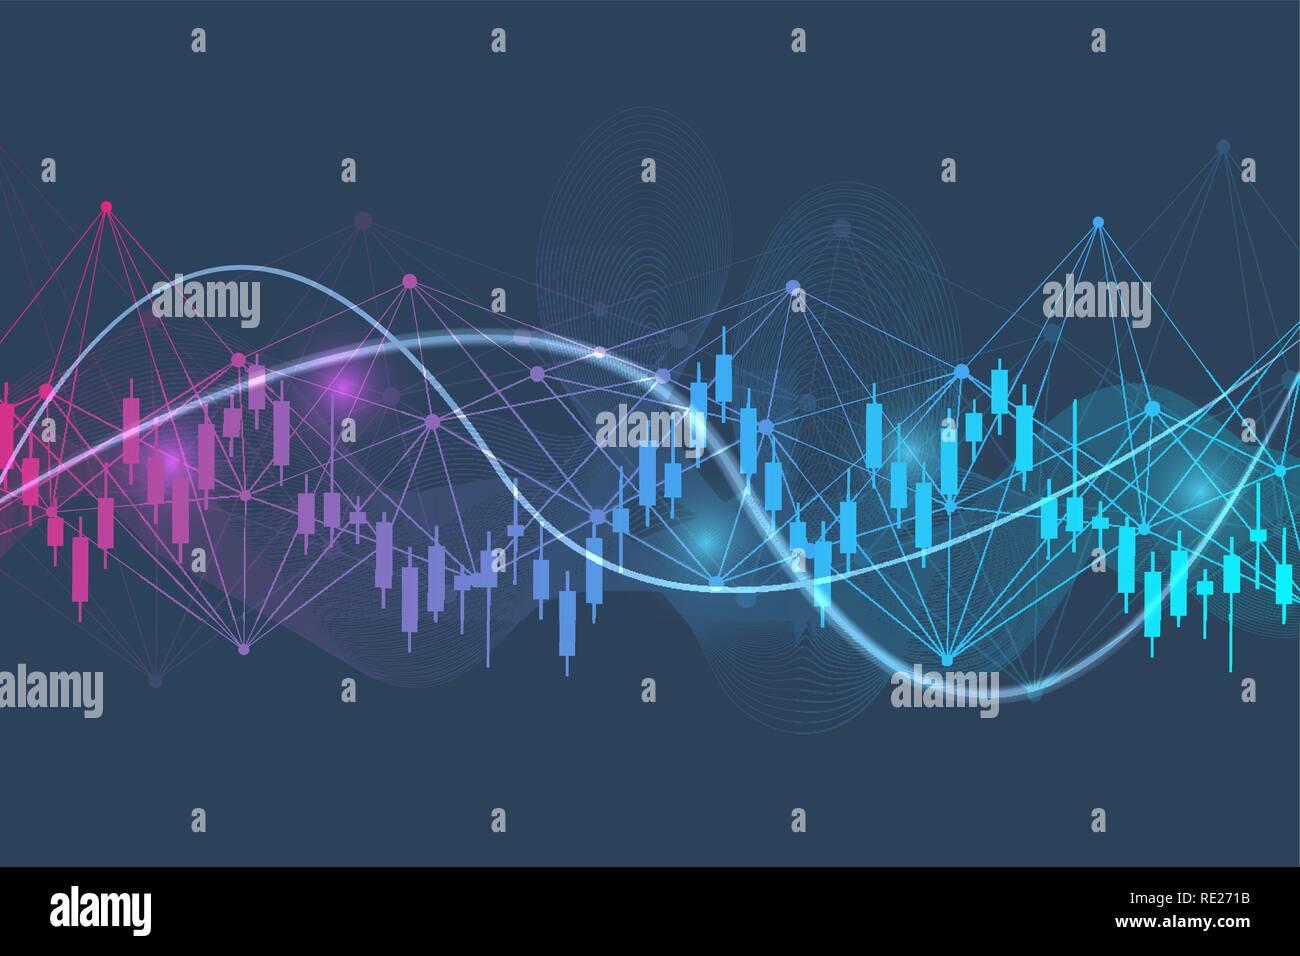 Bourse ou le commerce de forex graphique. Tableau de l'illustration vectorielle du marché financier finances Résumé Contexte Illustration de Vecteur